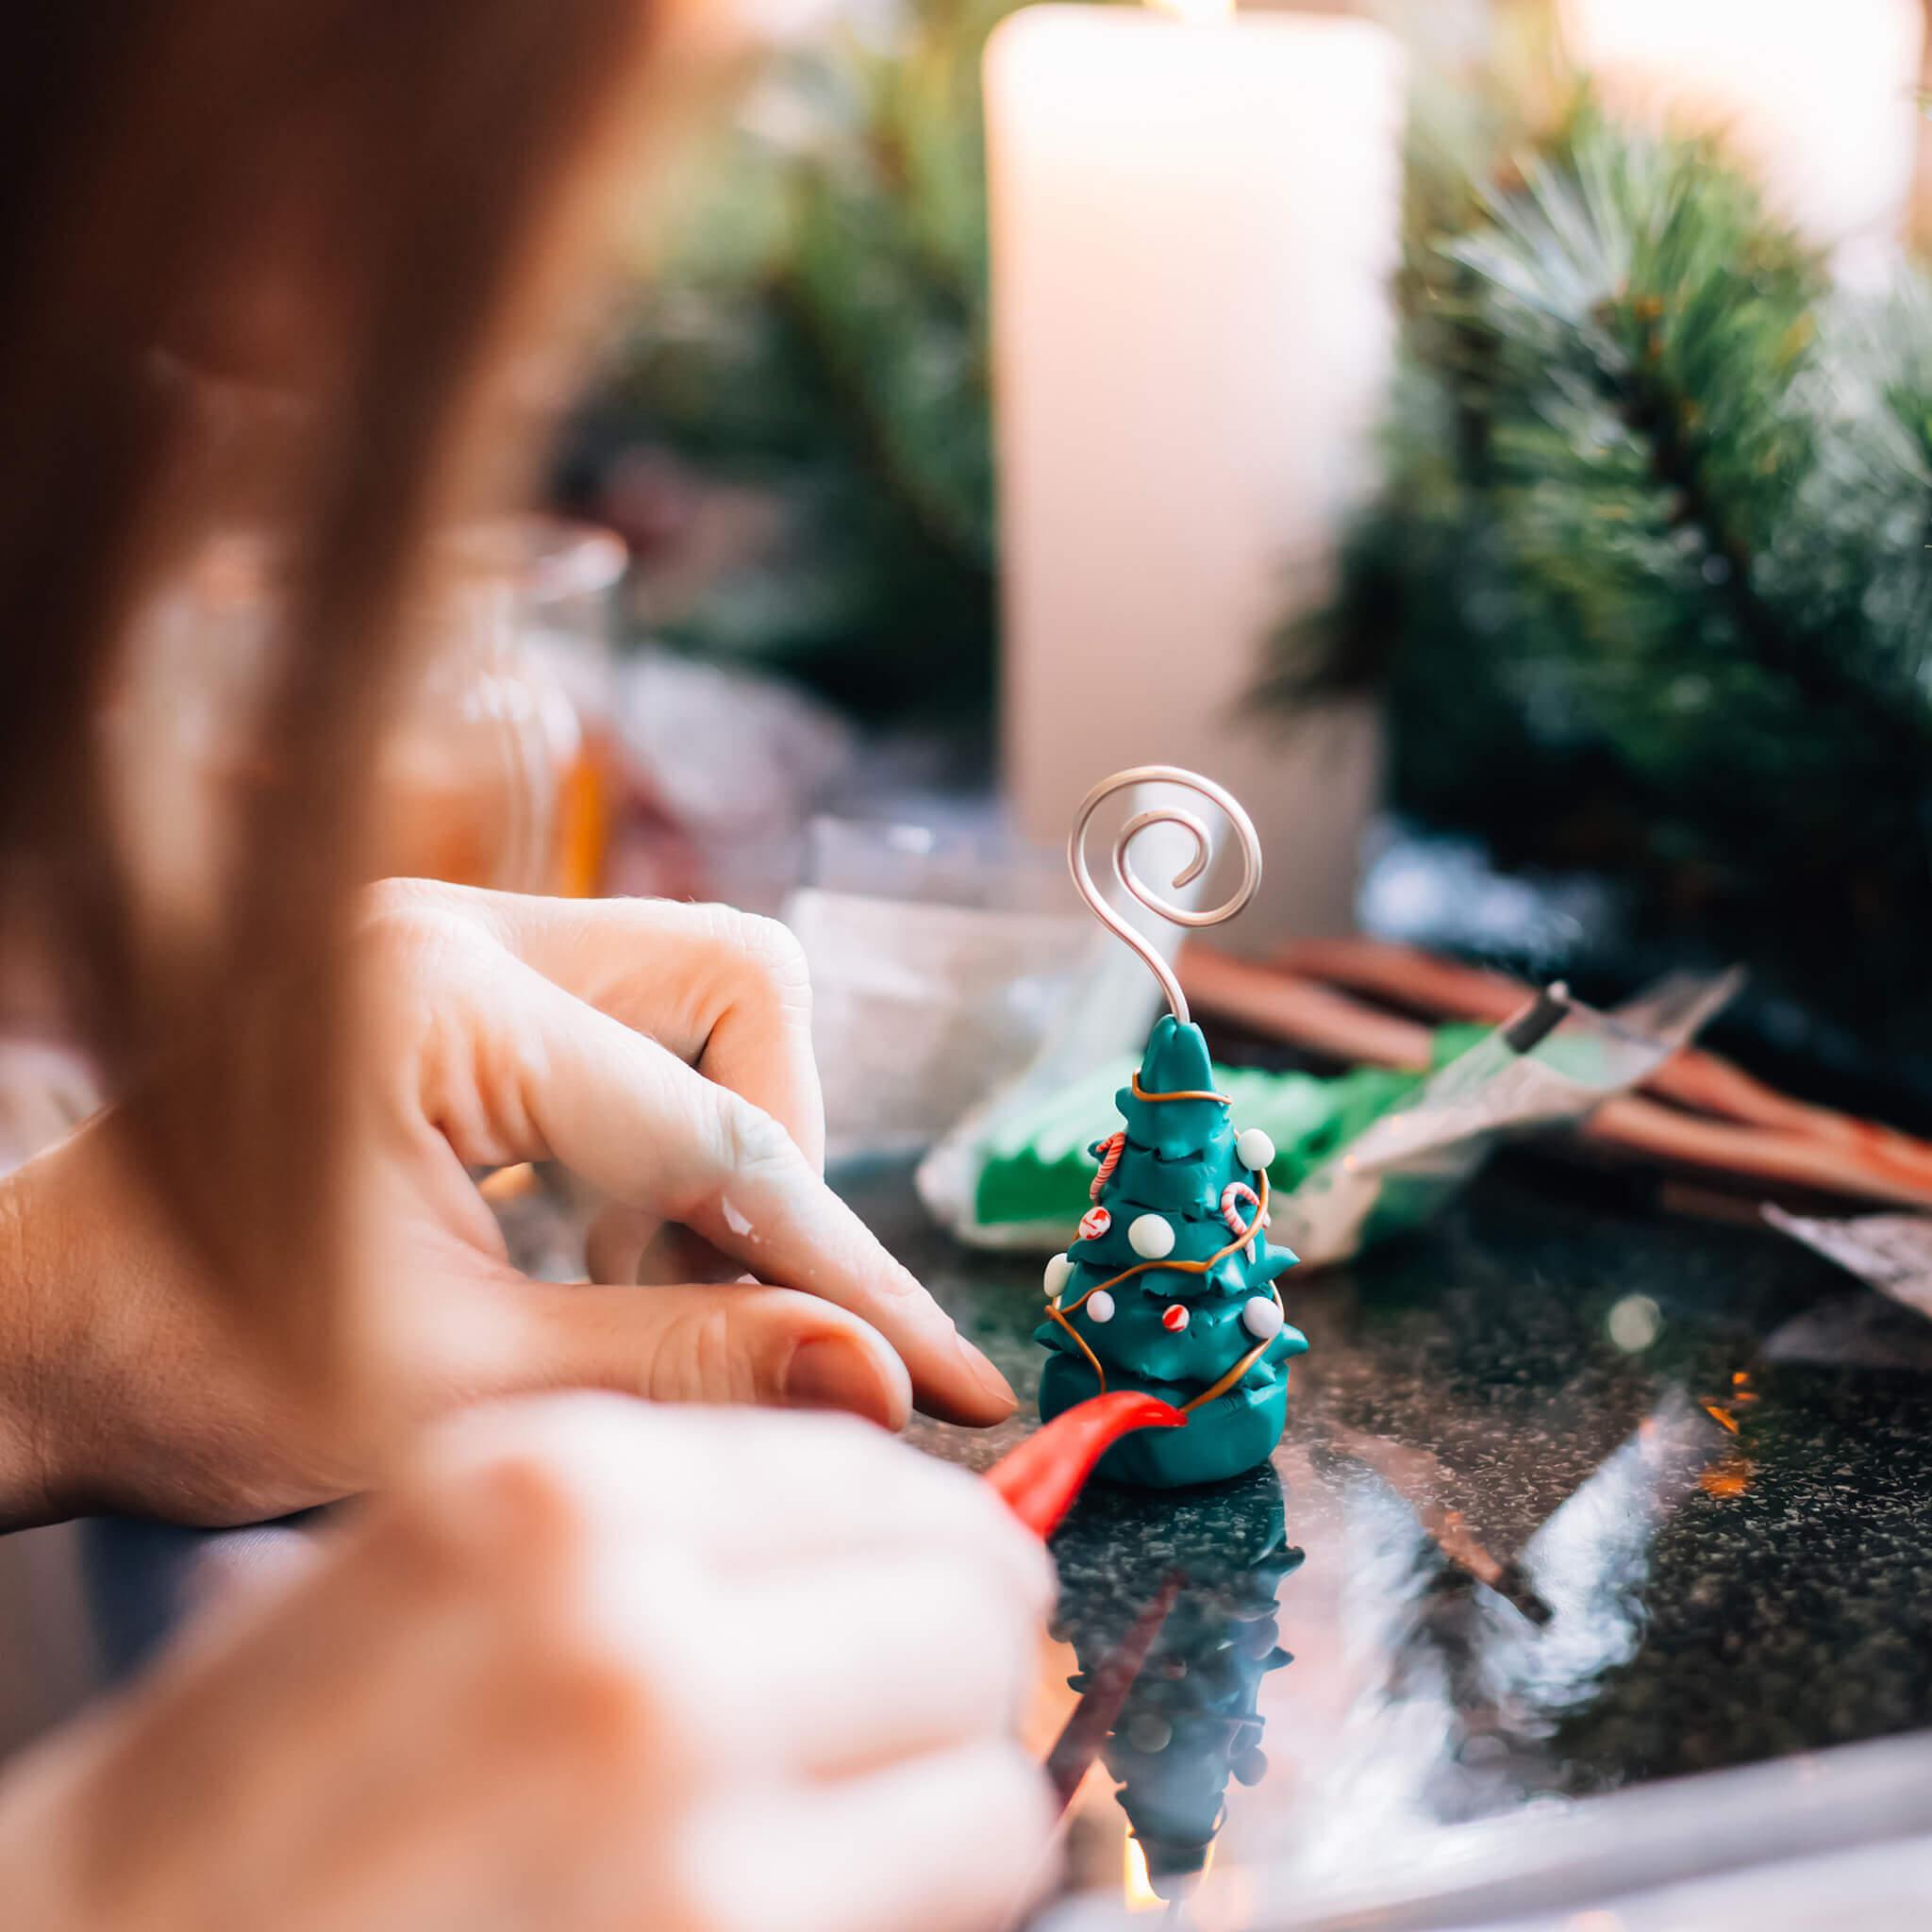 Kerstdecoratie maken met FIMO klei   Maak leuke kerstdecoratie met FIMO klei zoals dit leuke kerstboompje